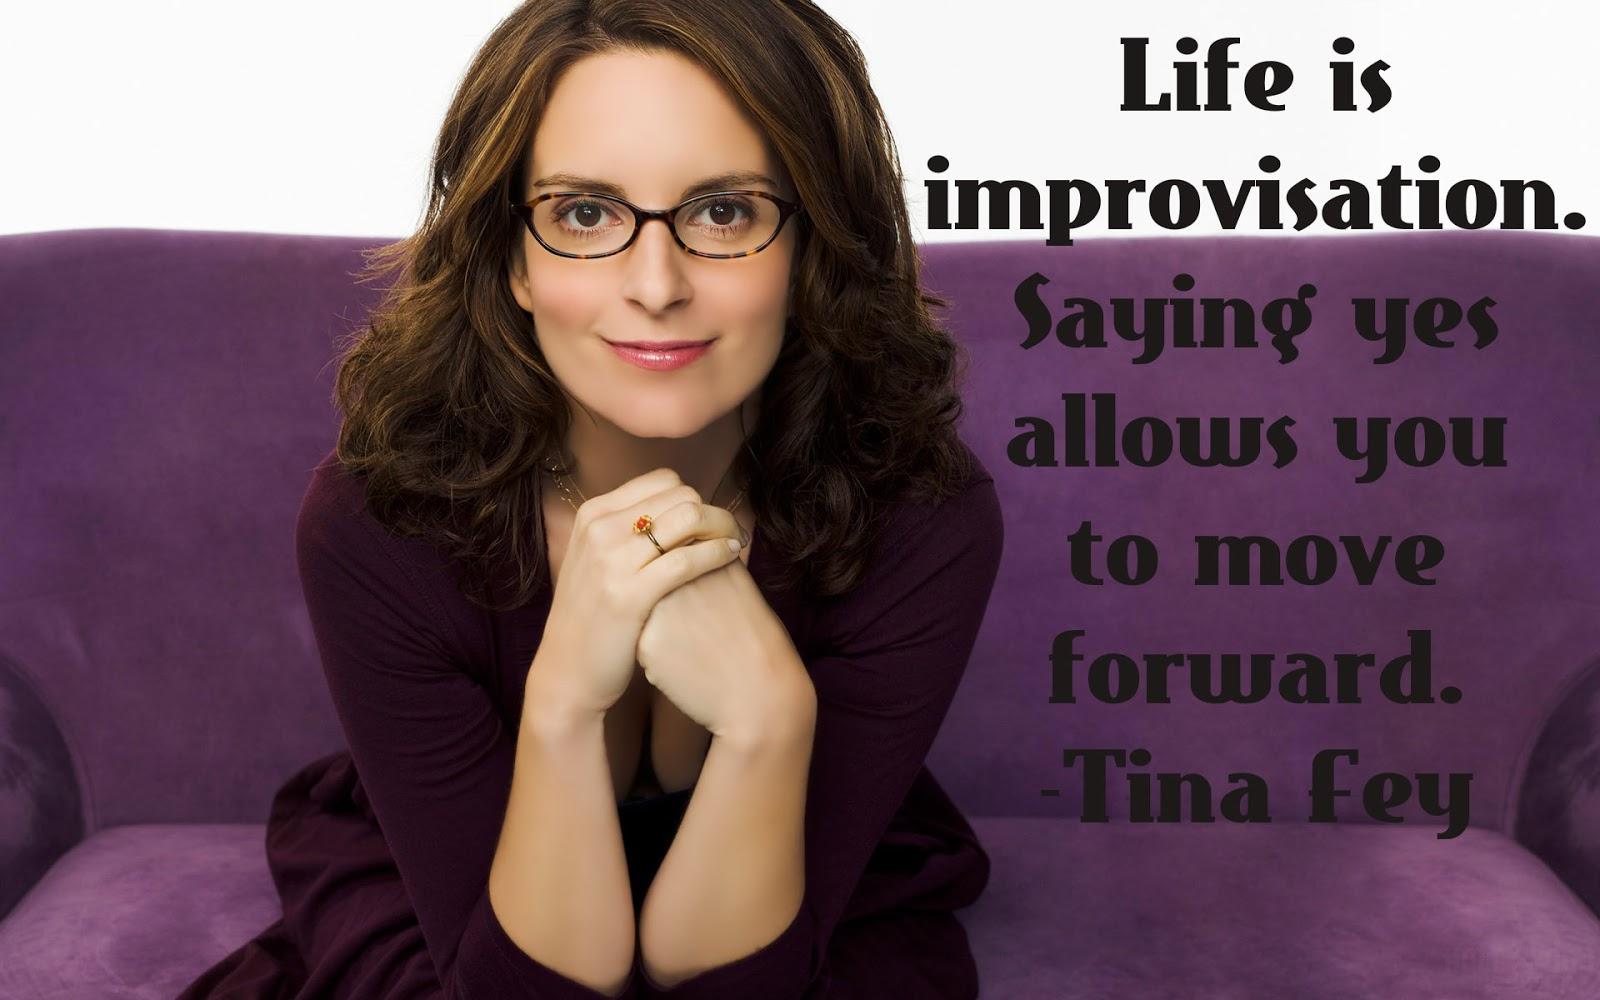 Tina Fey's quote #3